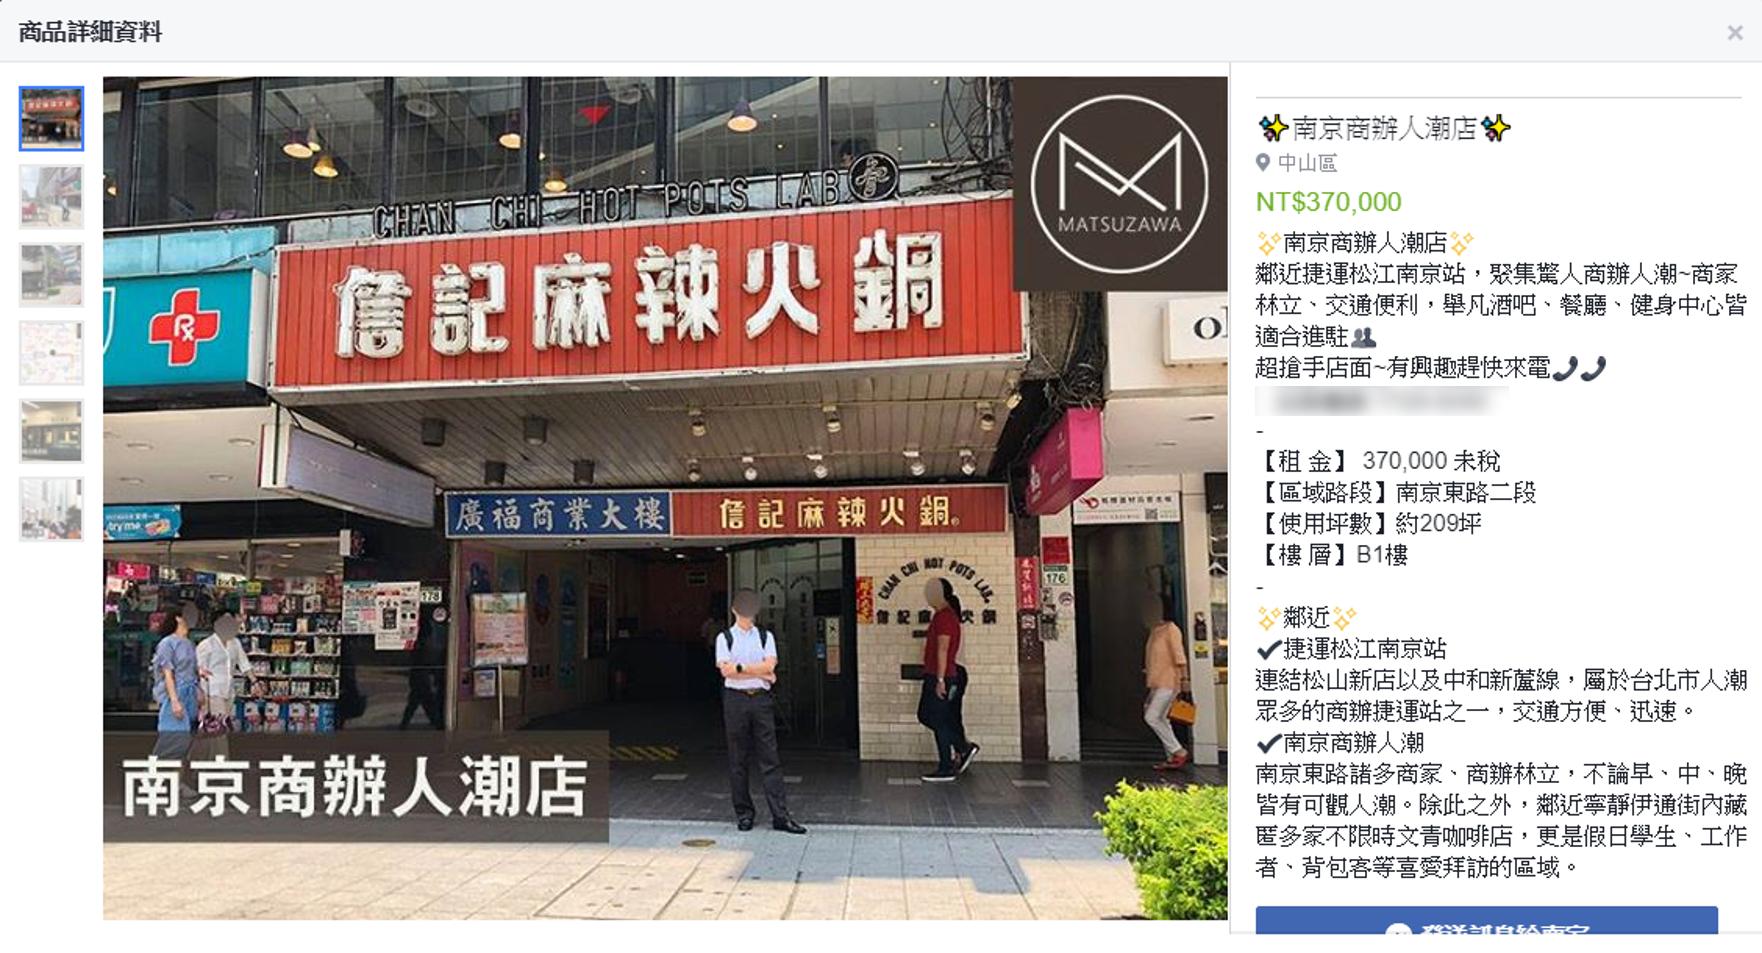 詹記麻辣鍋南京店將搬家 原店面租金意外曝光